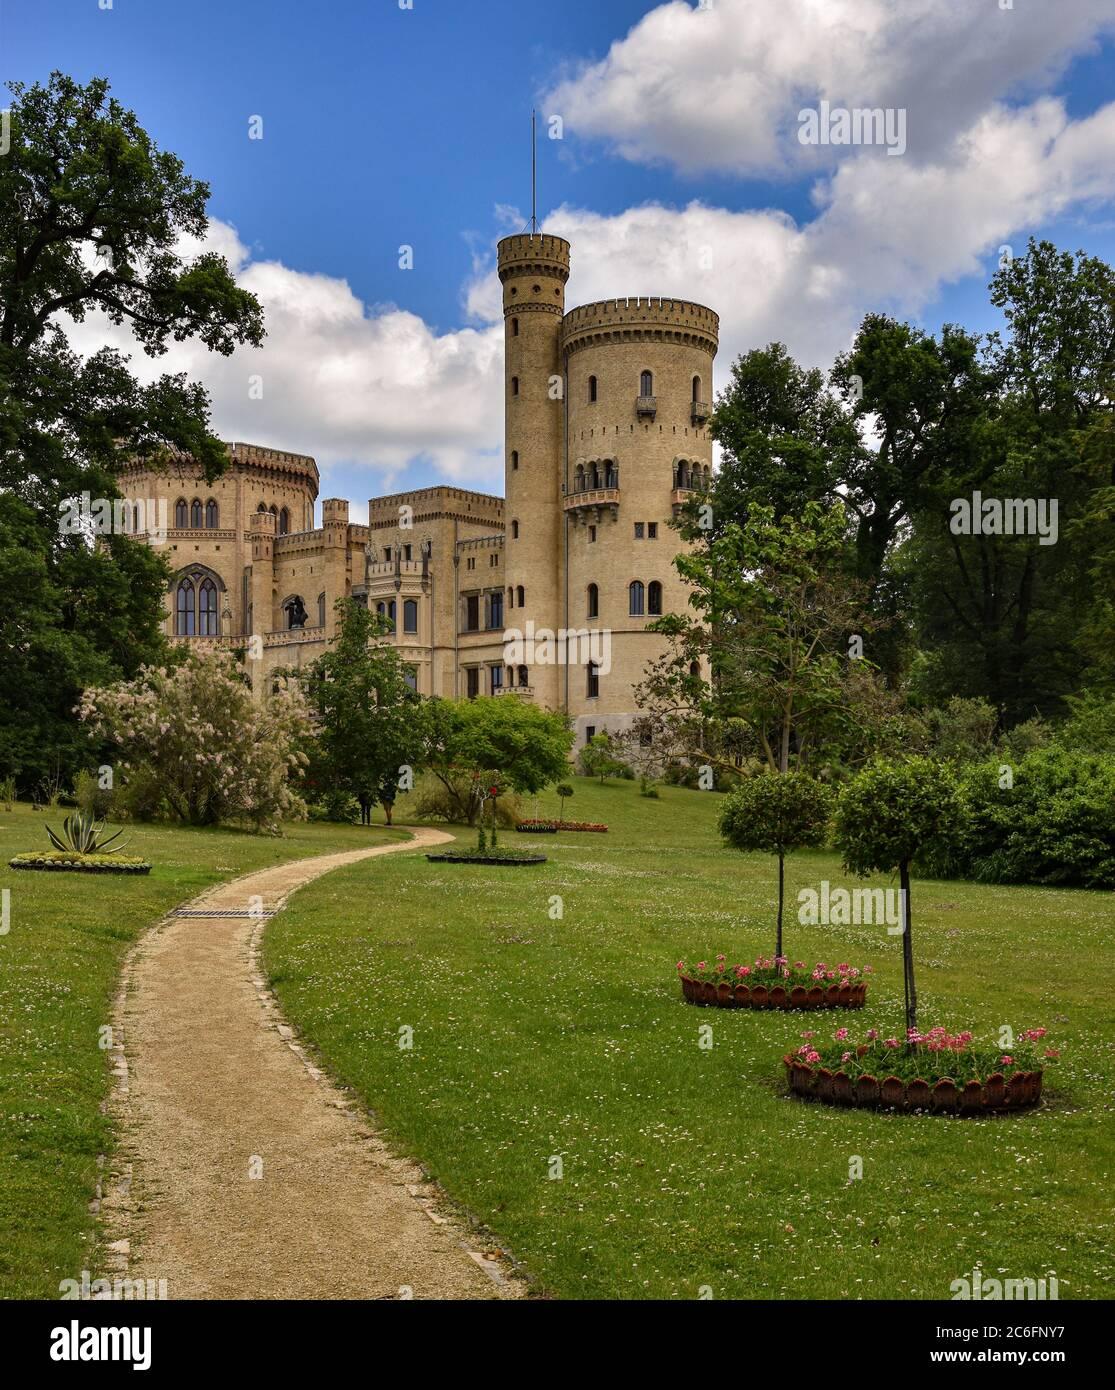 Château de Babelsberg, classé au patrimoine mondial de l'UNESCO, dans le Brandebourg et Berlin Banque D'Images